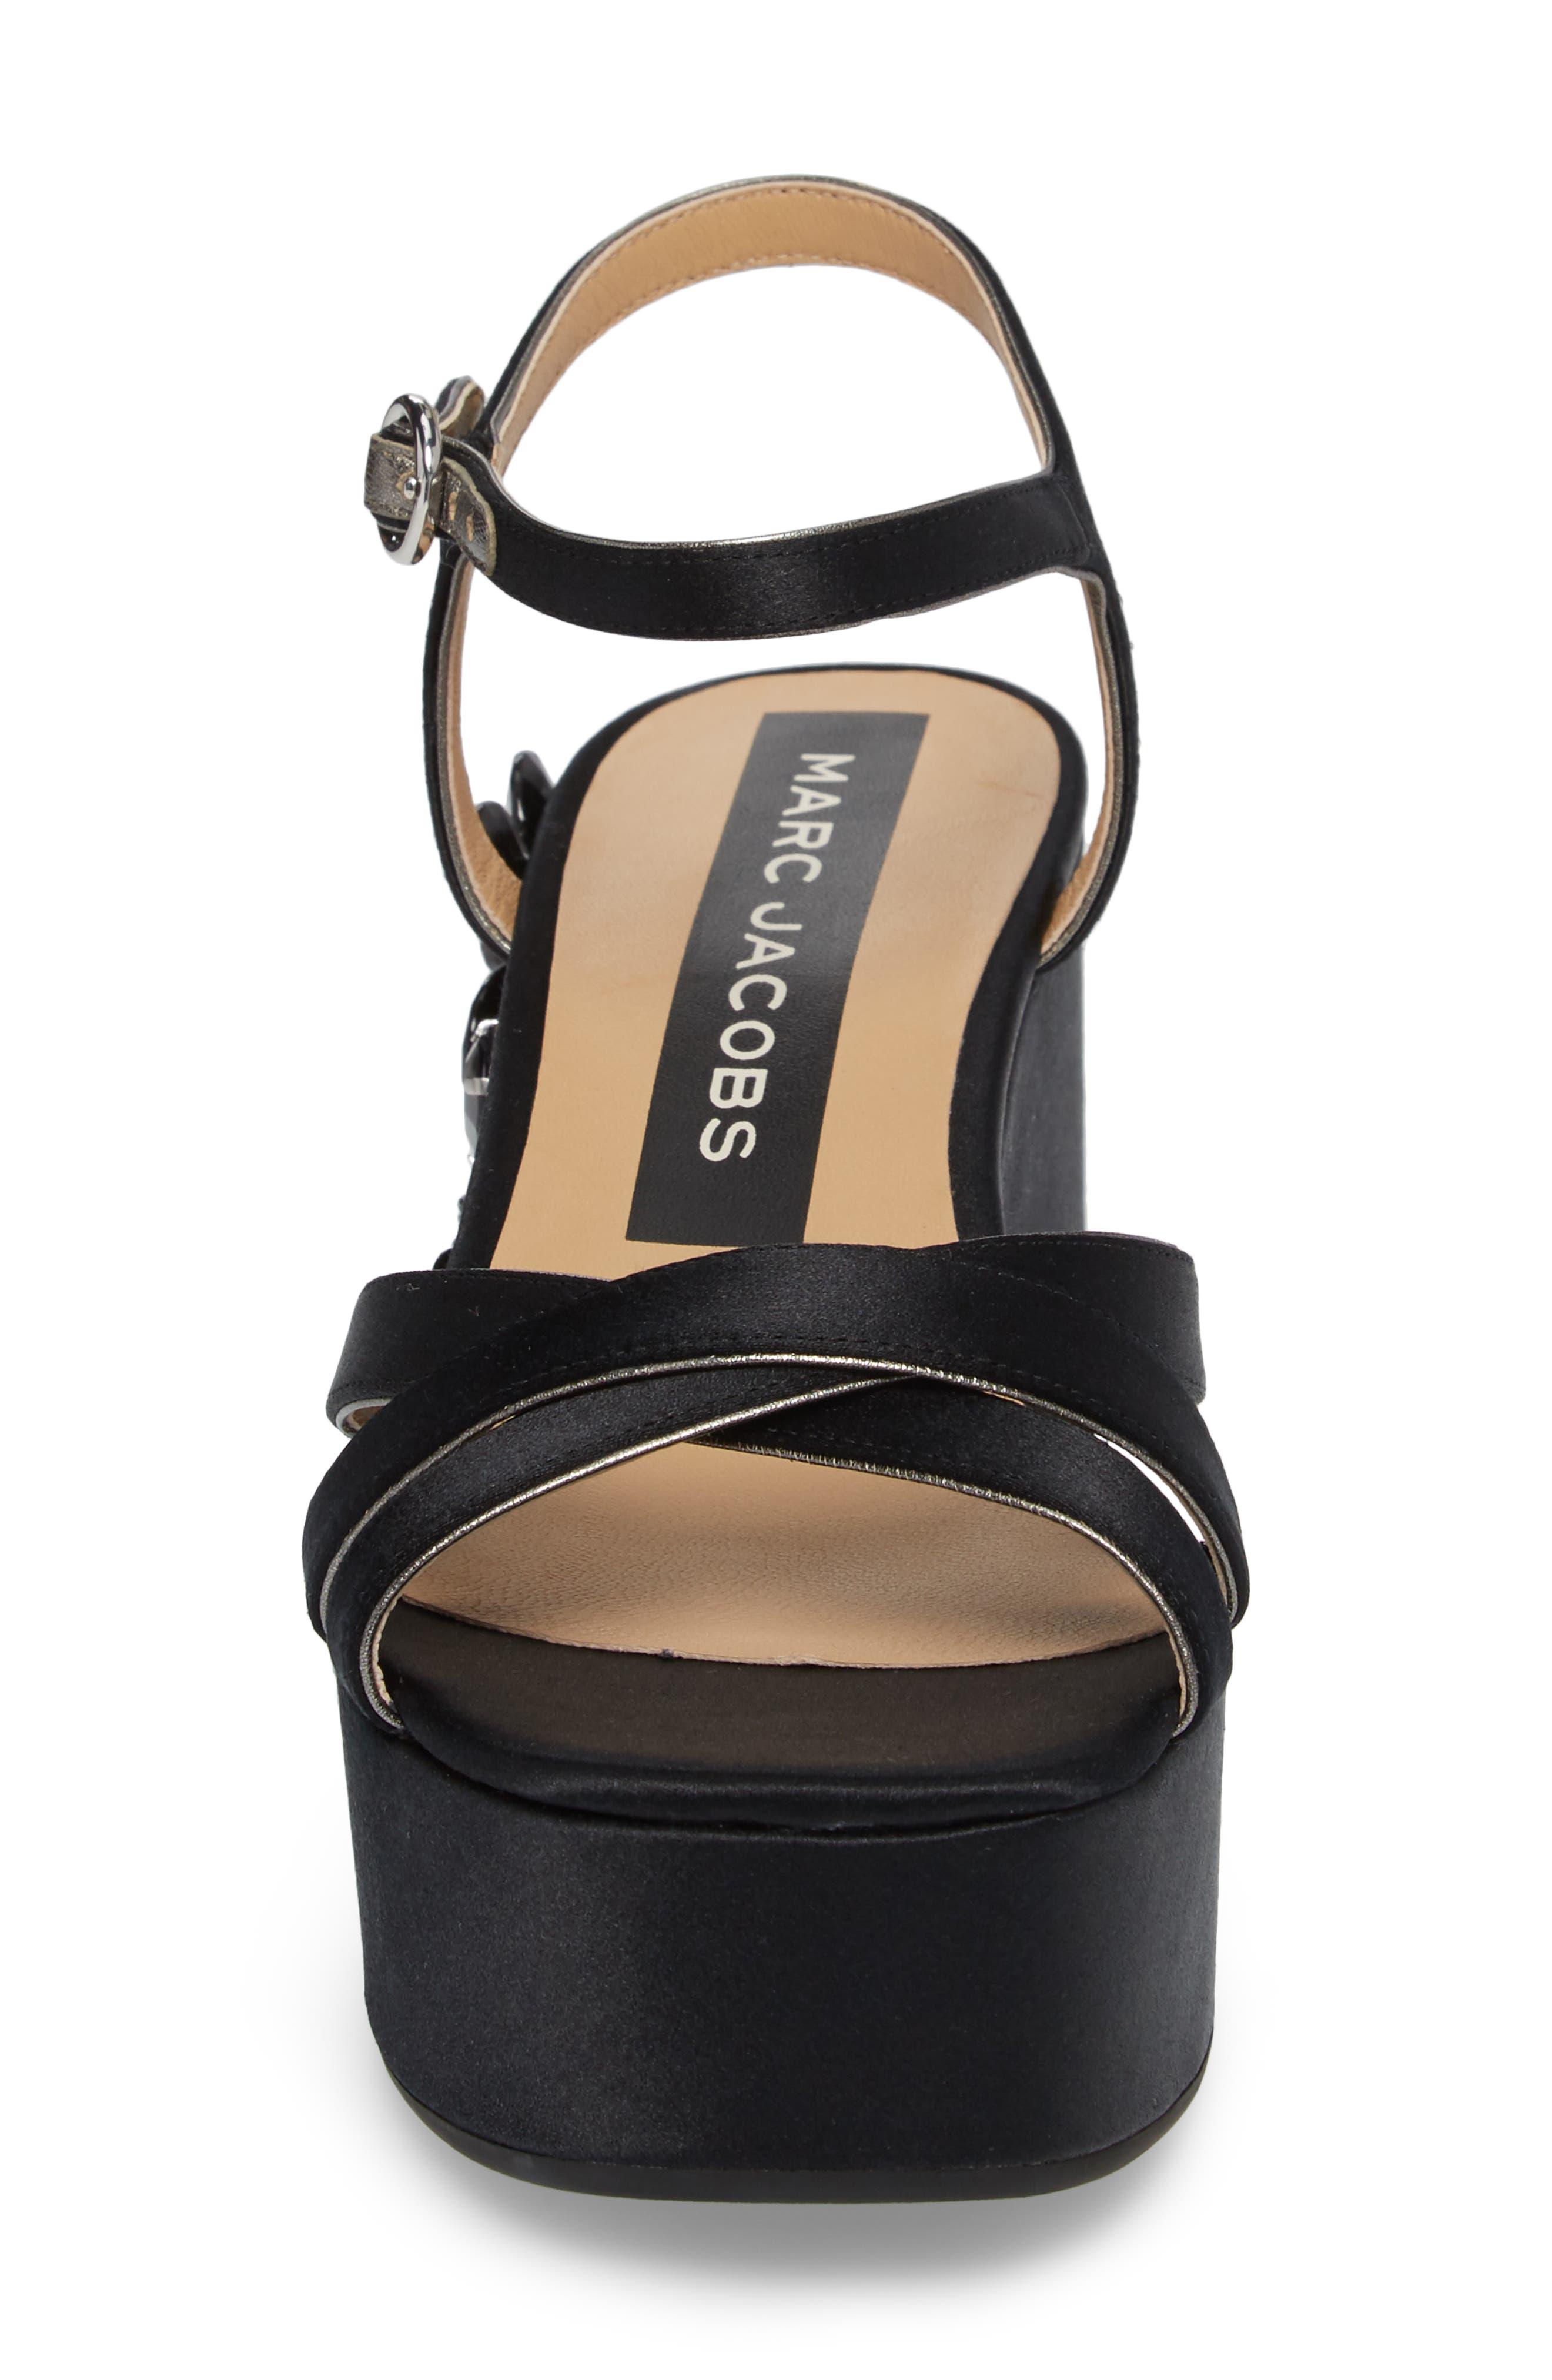 Callie Embellished Platform Sandal,                             Alternate thumbnail 4, color,                             001